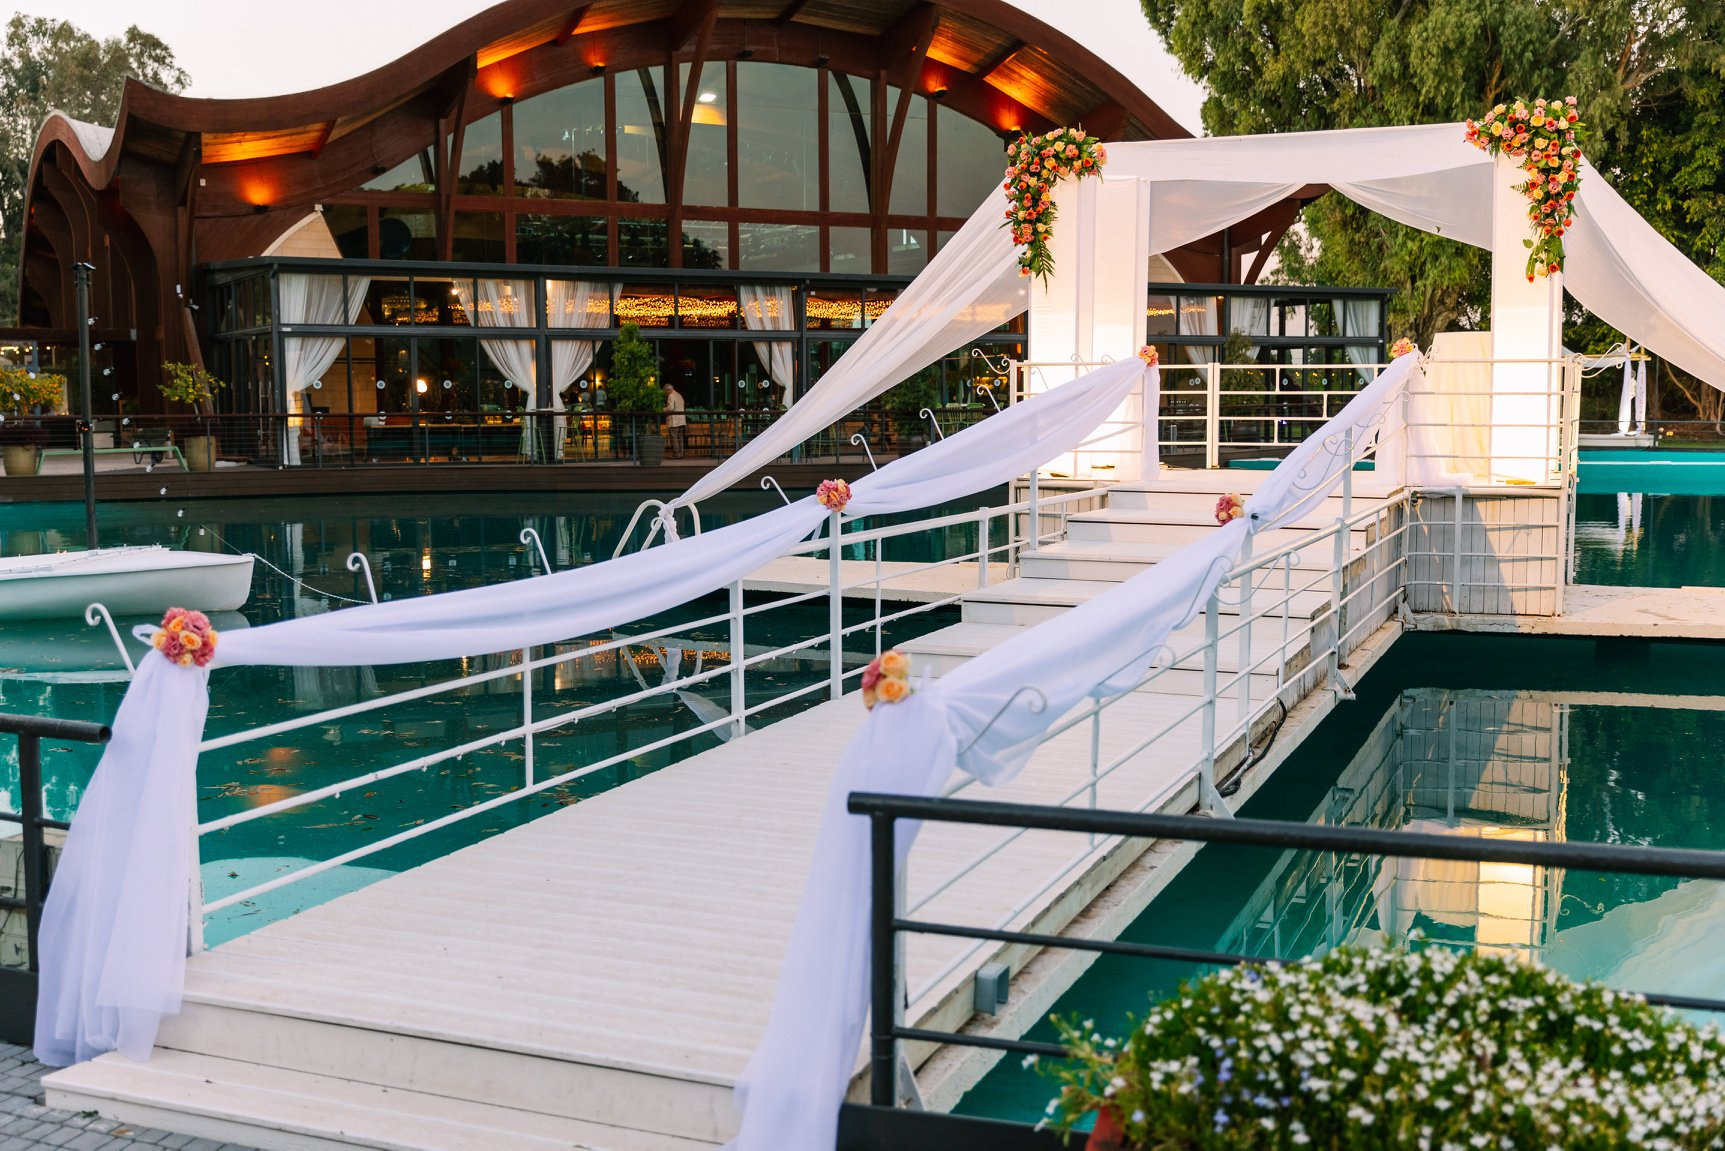 עדן גן האירועים - עדן על המים - גן אירועים לחתונה בשרון